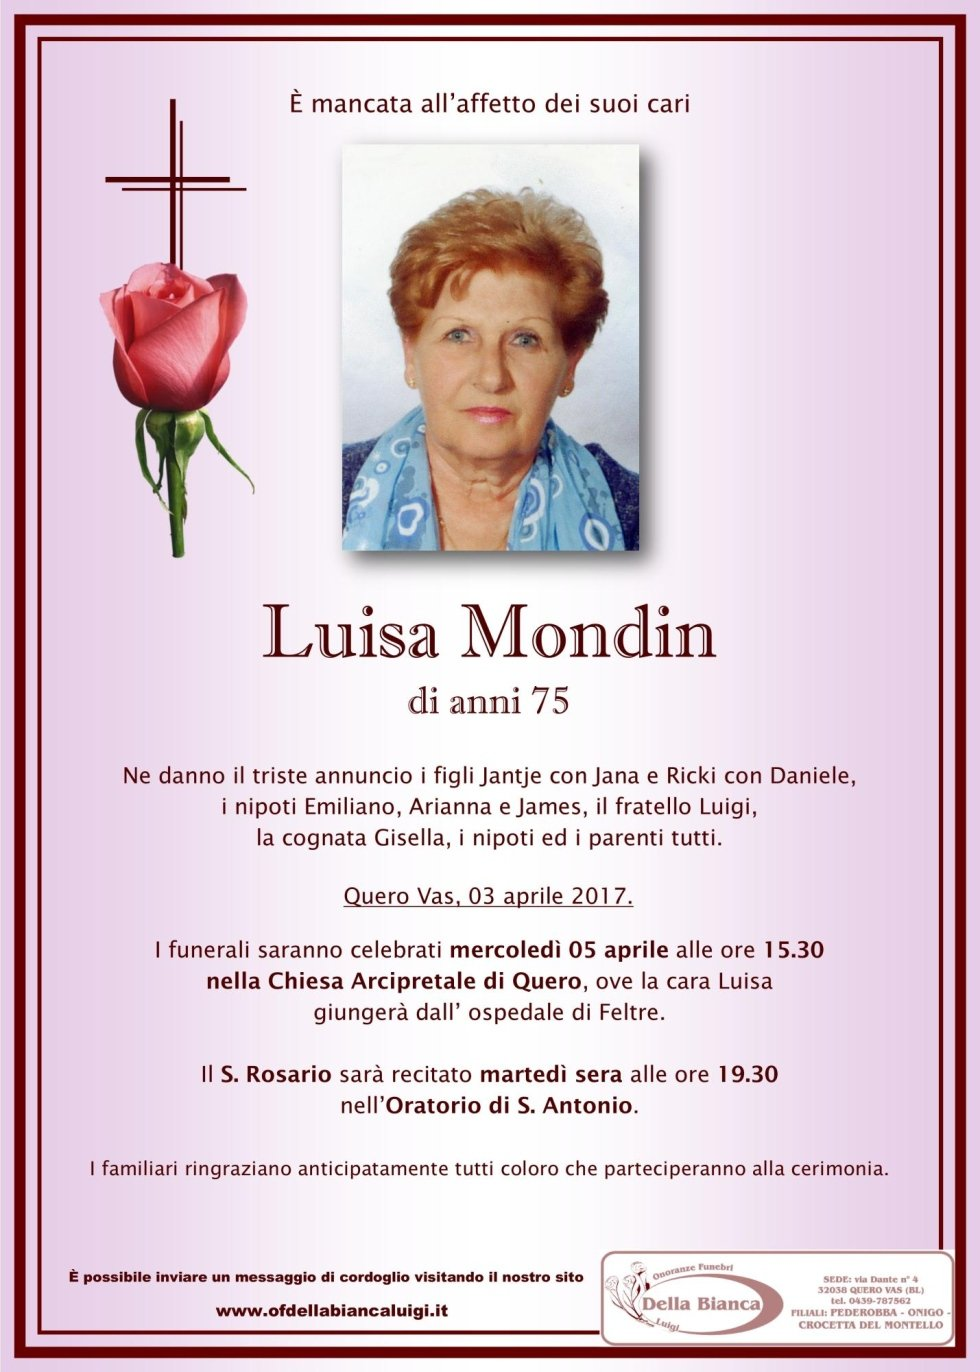 Luisa Mondin